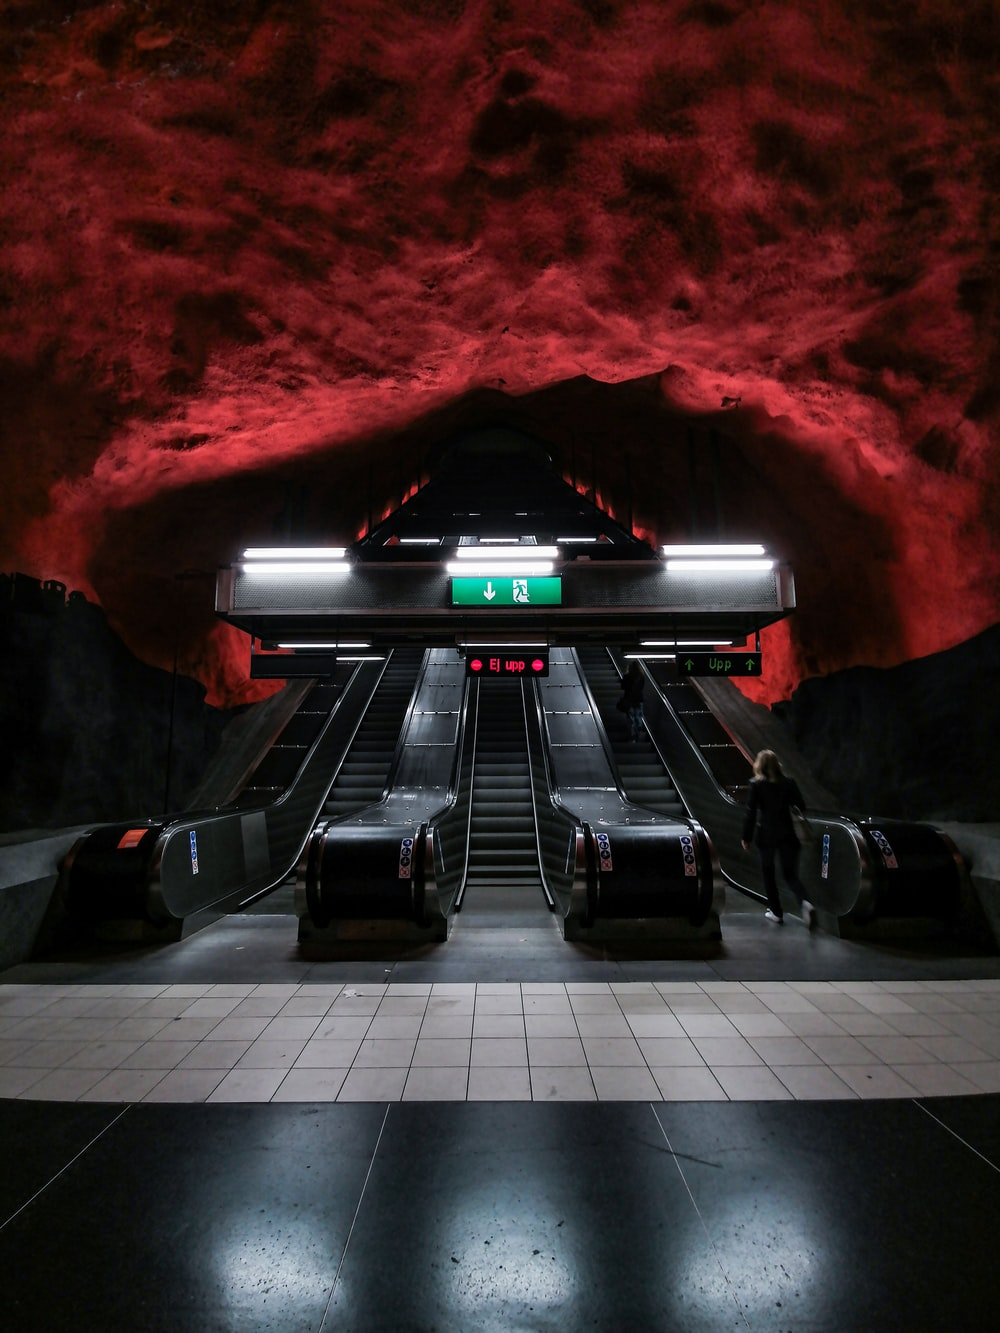 person riding escalator